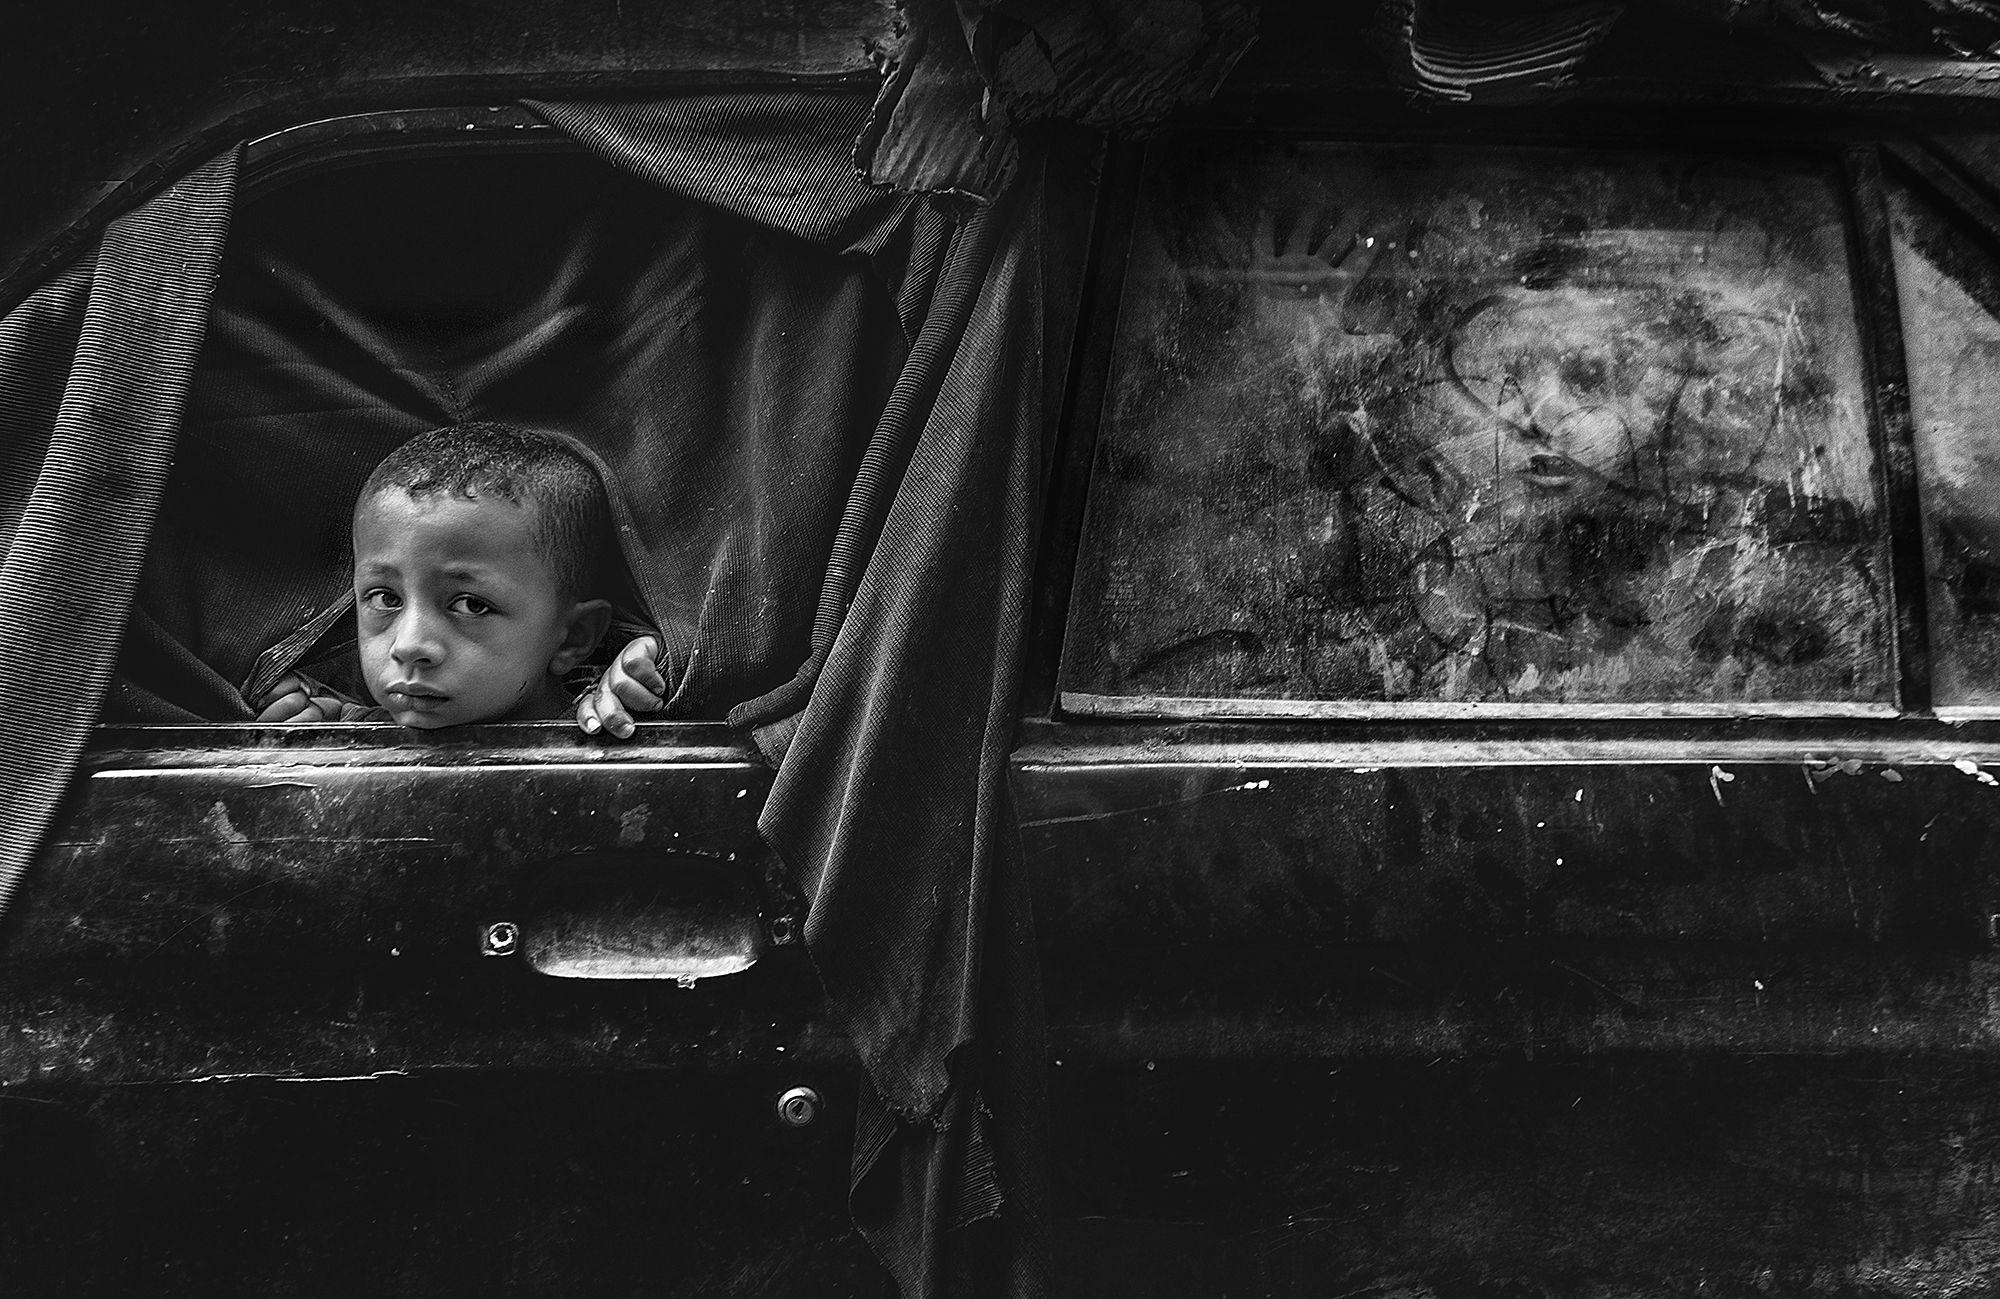 Děti si hrají v opuštěném autě / Ahmed Abdel Hady.